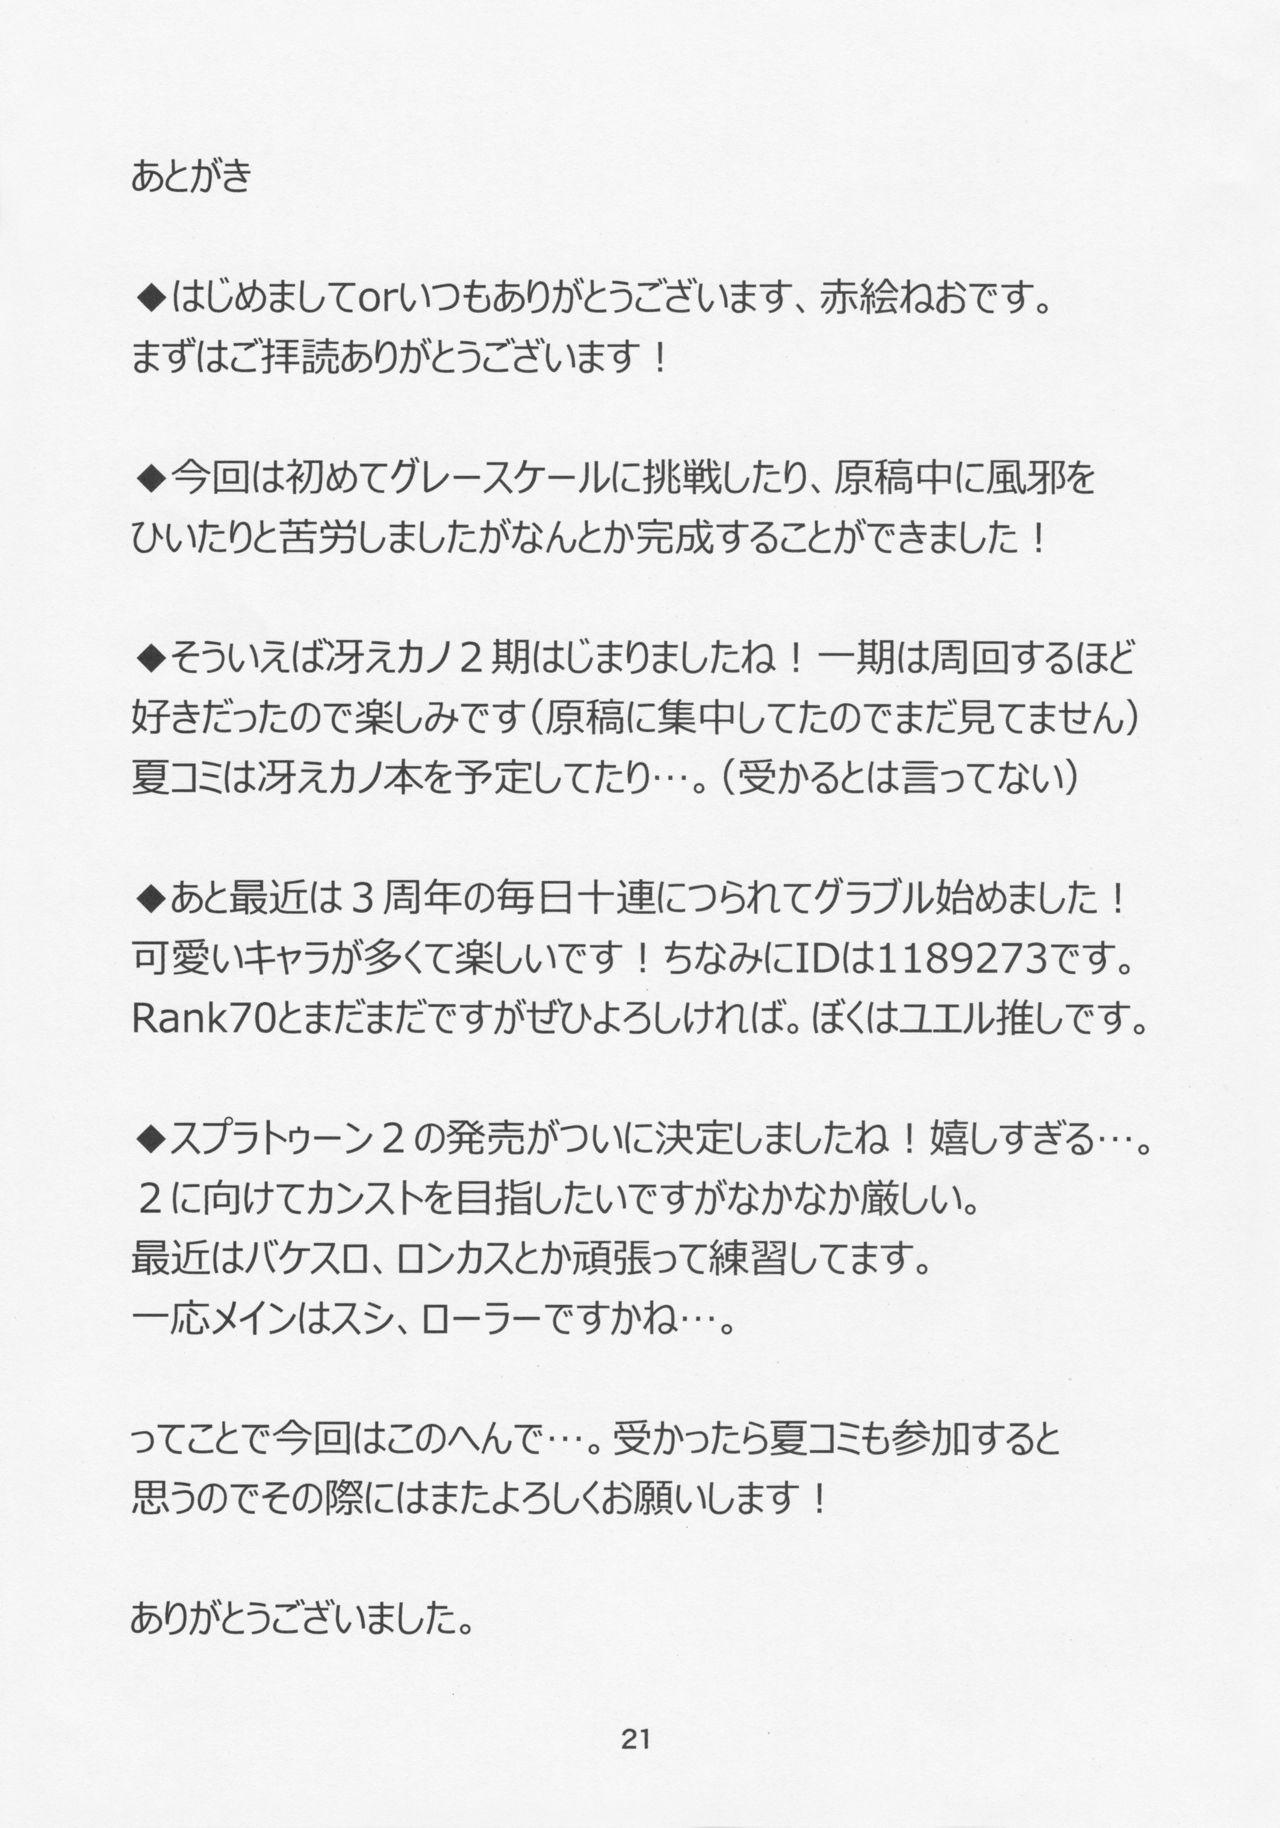 Megumin ga Josei no Miryoku o Misete kurerutte 19